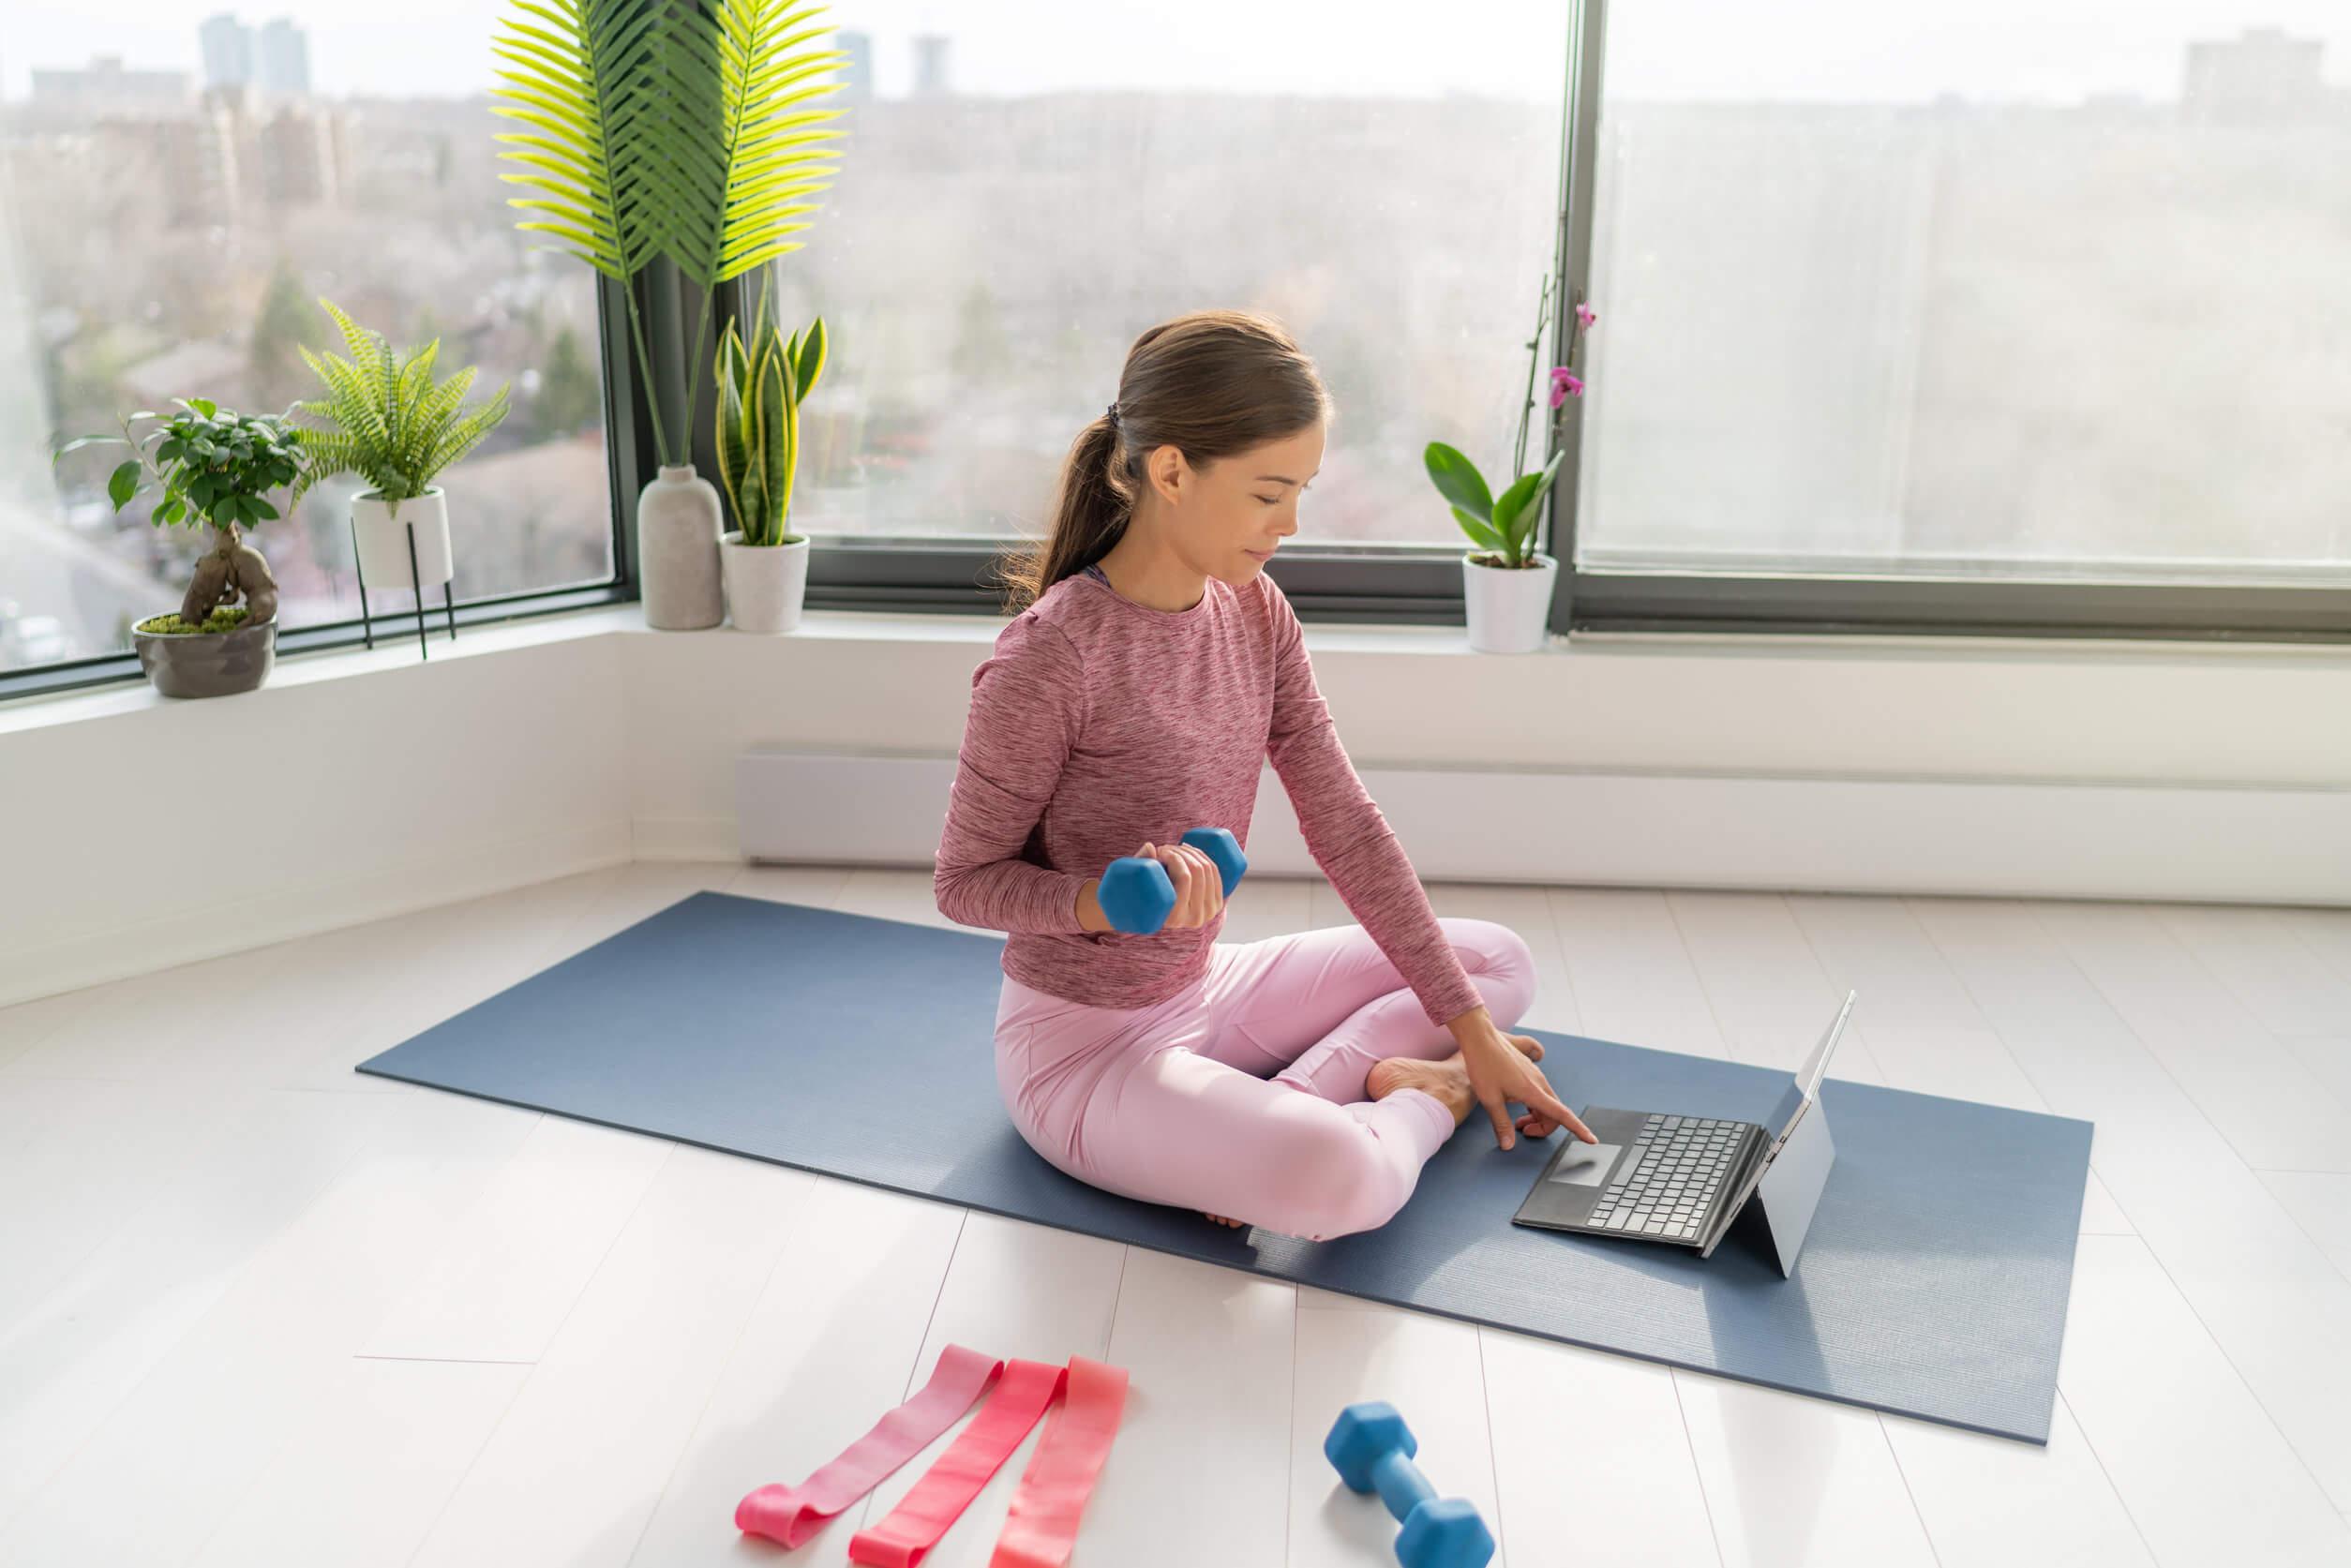 Los ejercicios localizados son perfectos para conservar unos senos bonitos